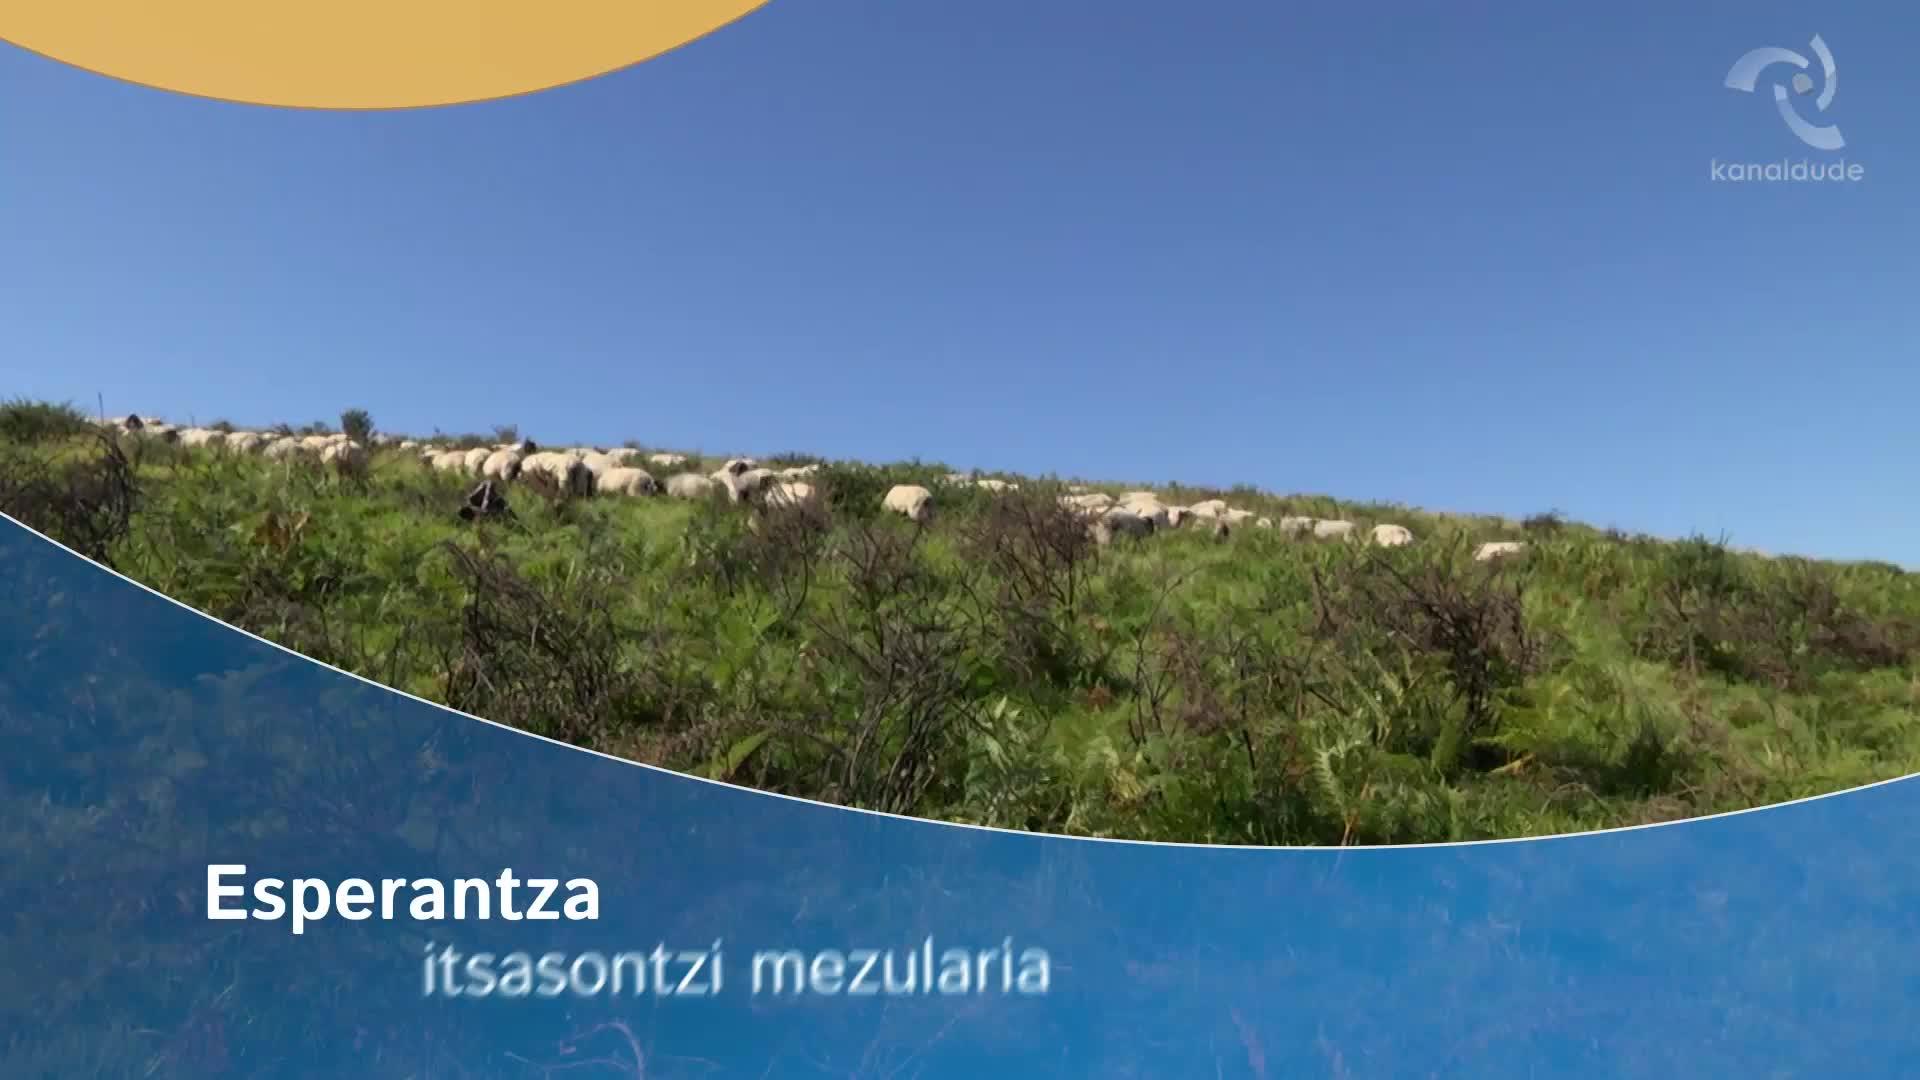 Esperantza: itsasontzien mezularia